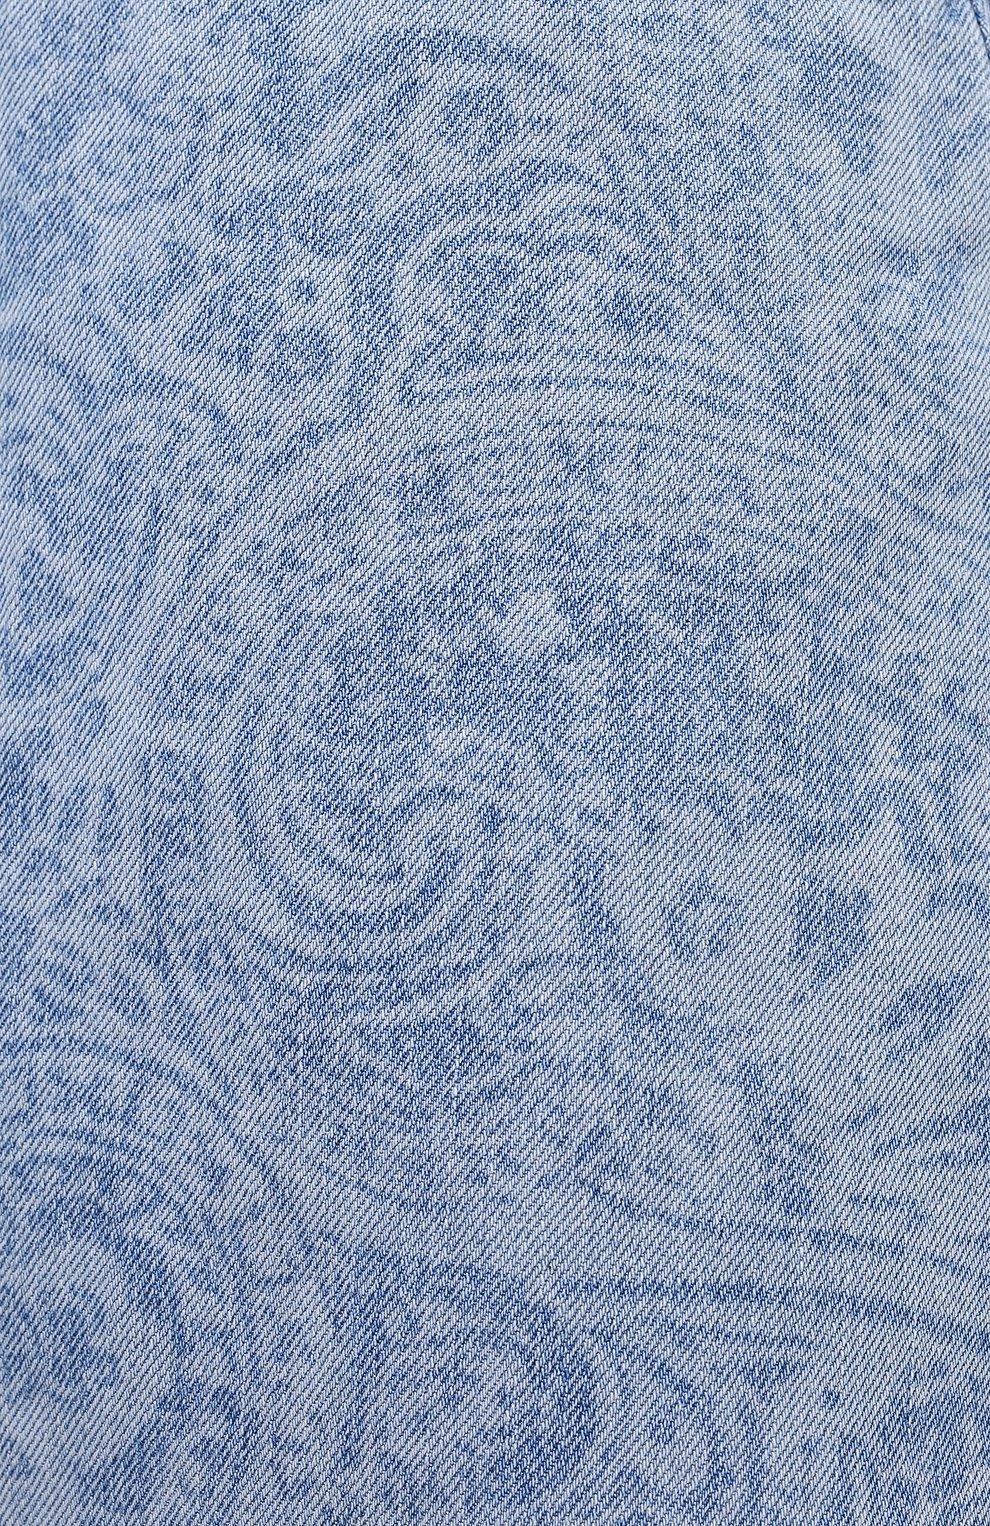 Женская джинсовая юбка ACNE STUDIOS голубого цвета, арт. AF0189 | Фото 5